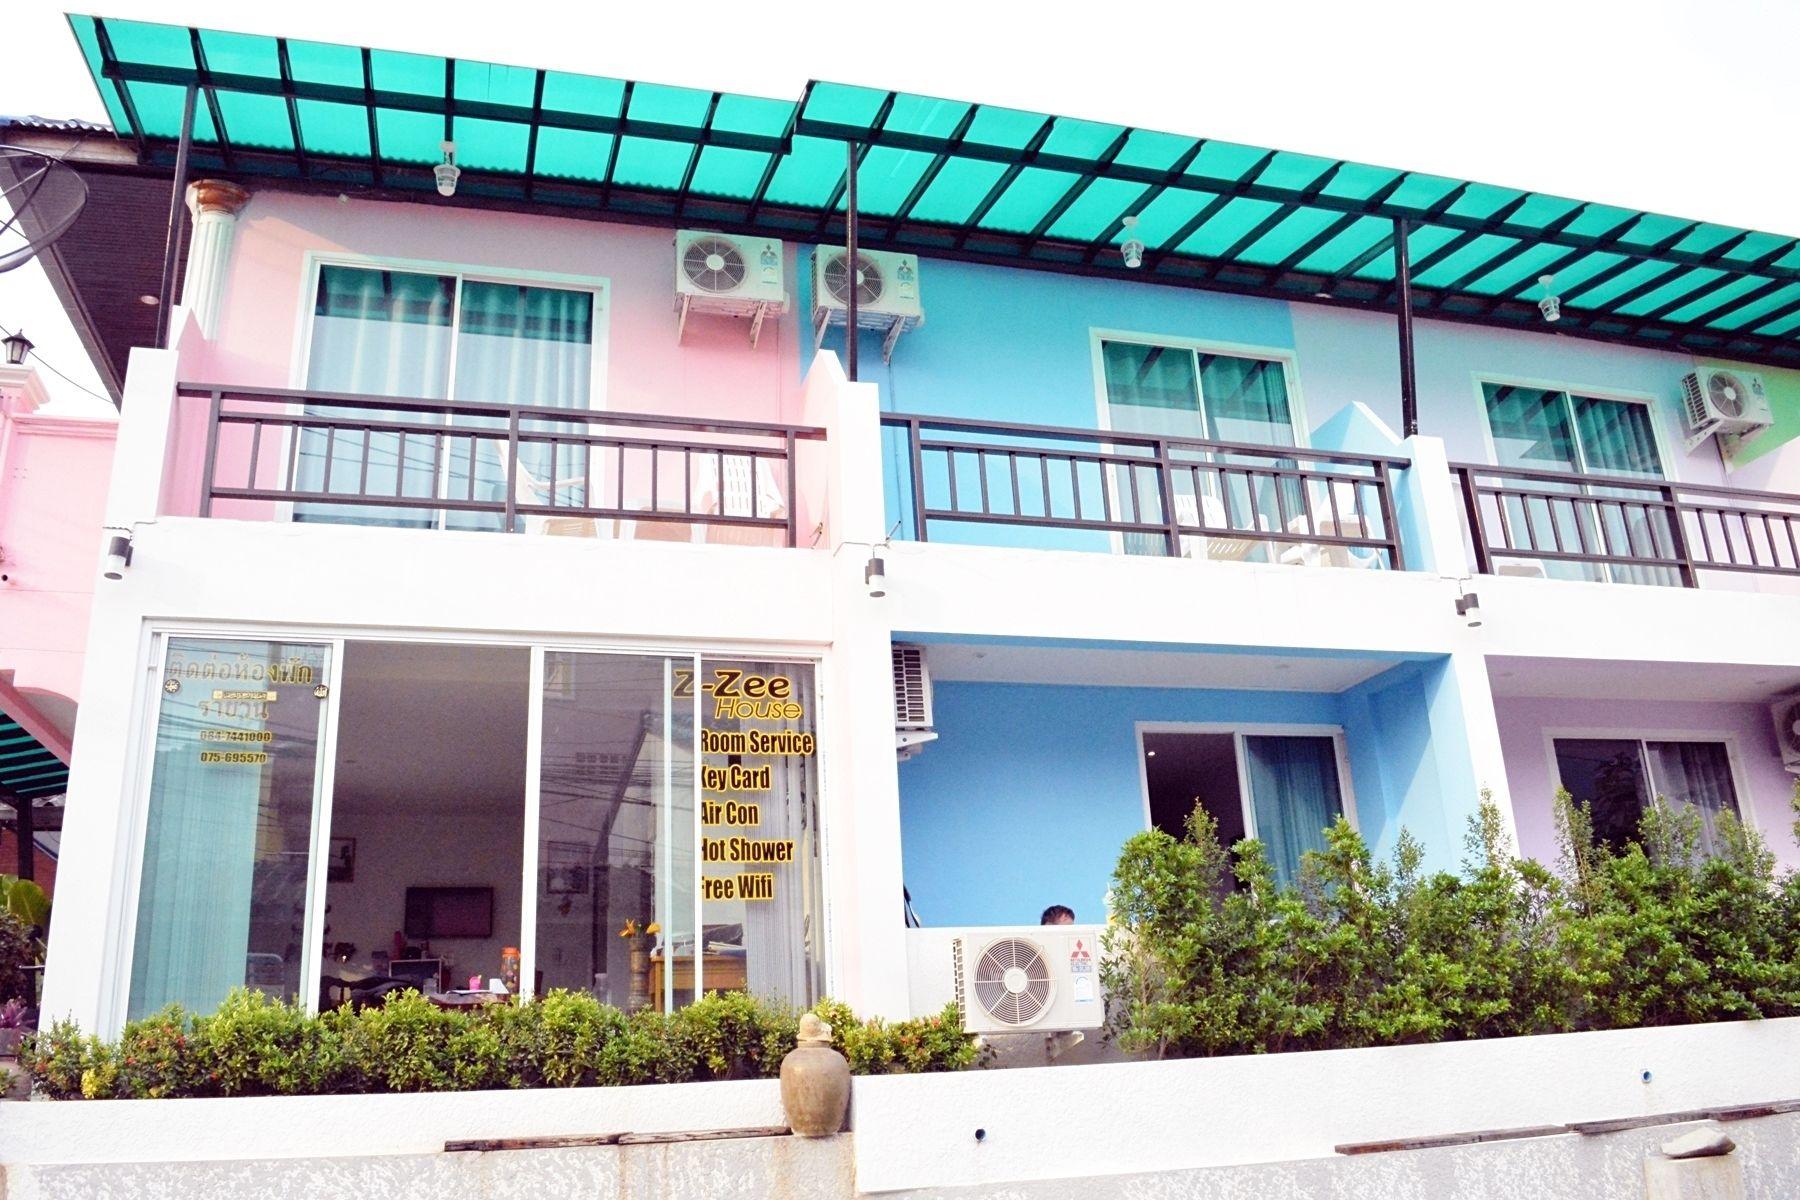 Z-Zee House